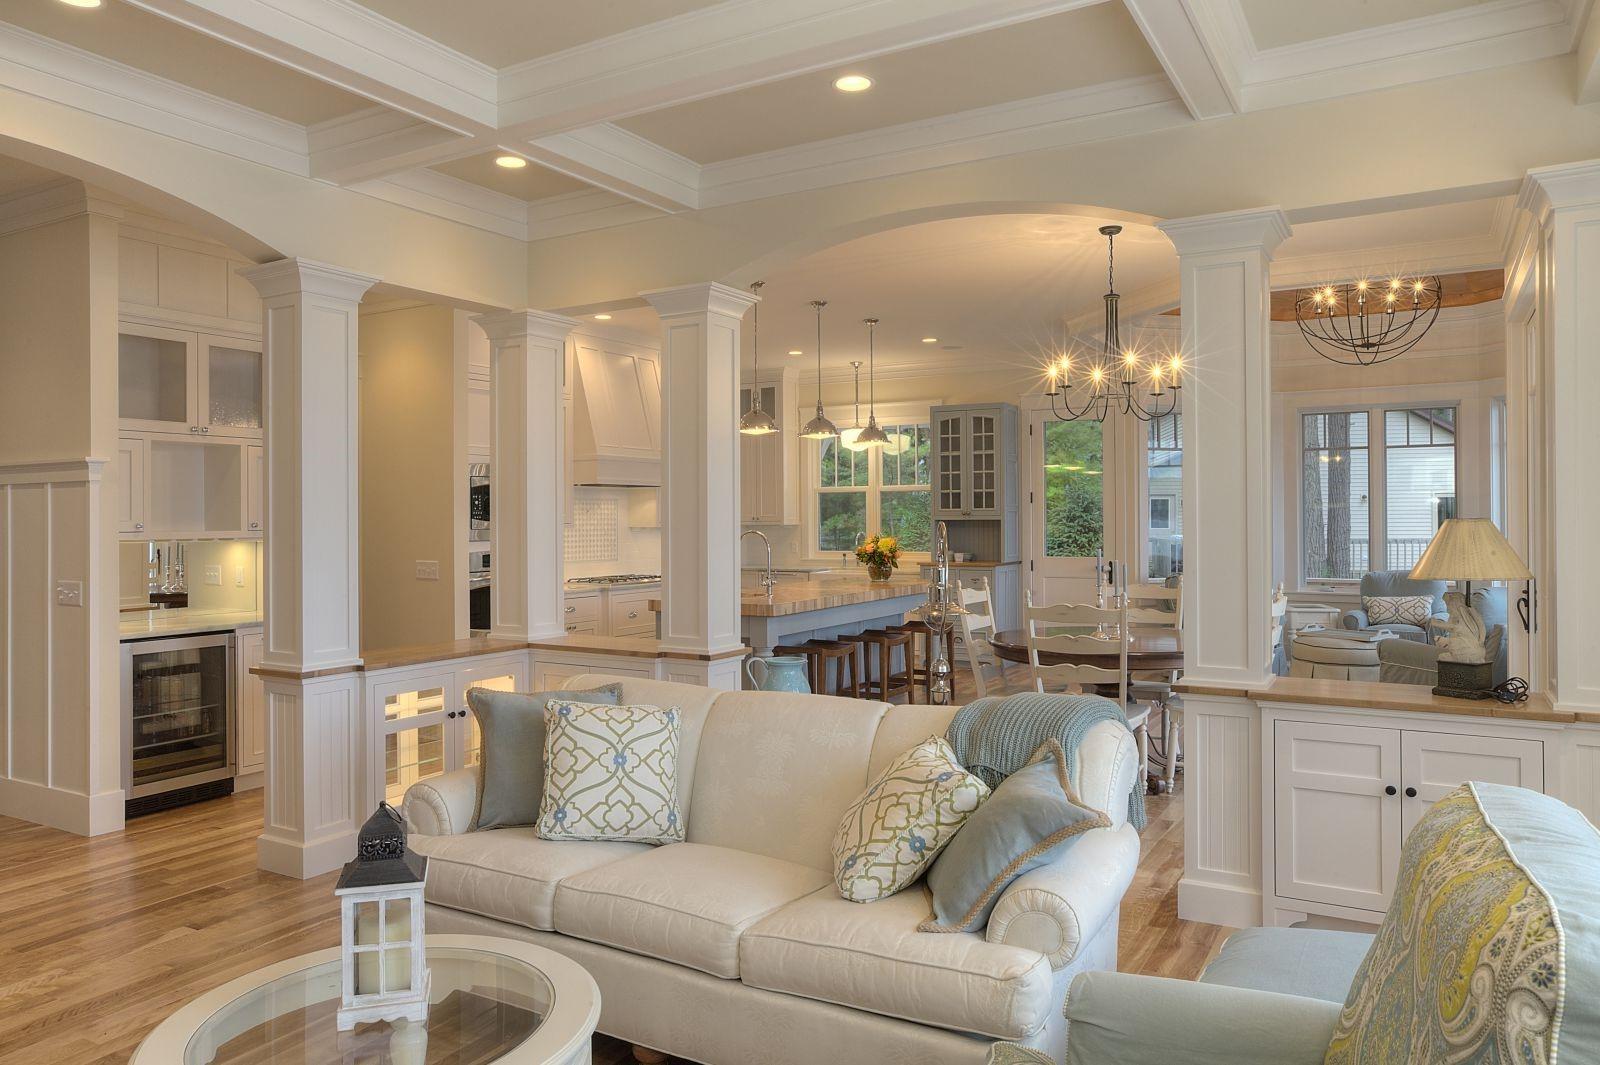 Choisissez un comptoir surélevé tel qu'un bar à petit-déjeuner ou un comptoir de bar et placez-le à l'entrée de votre cuisine ouverte.